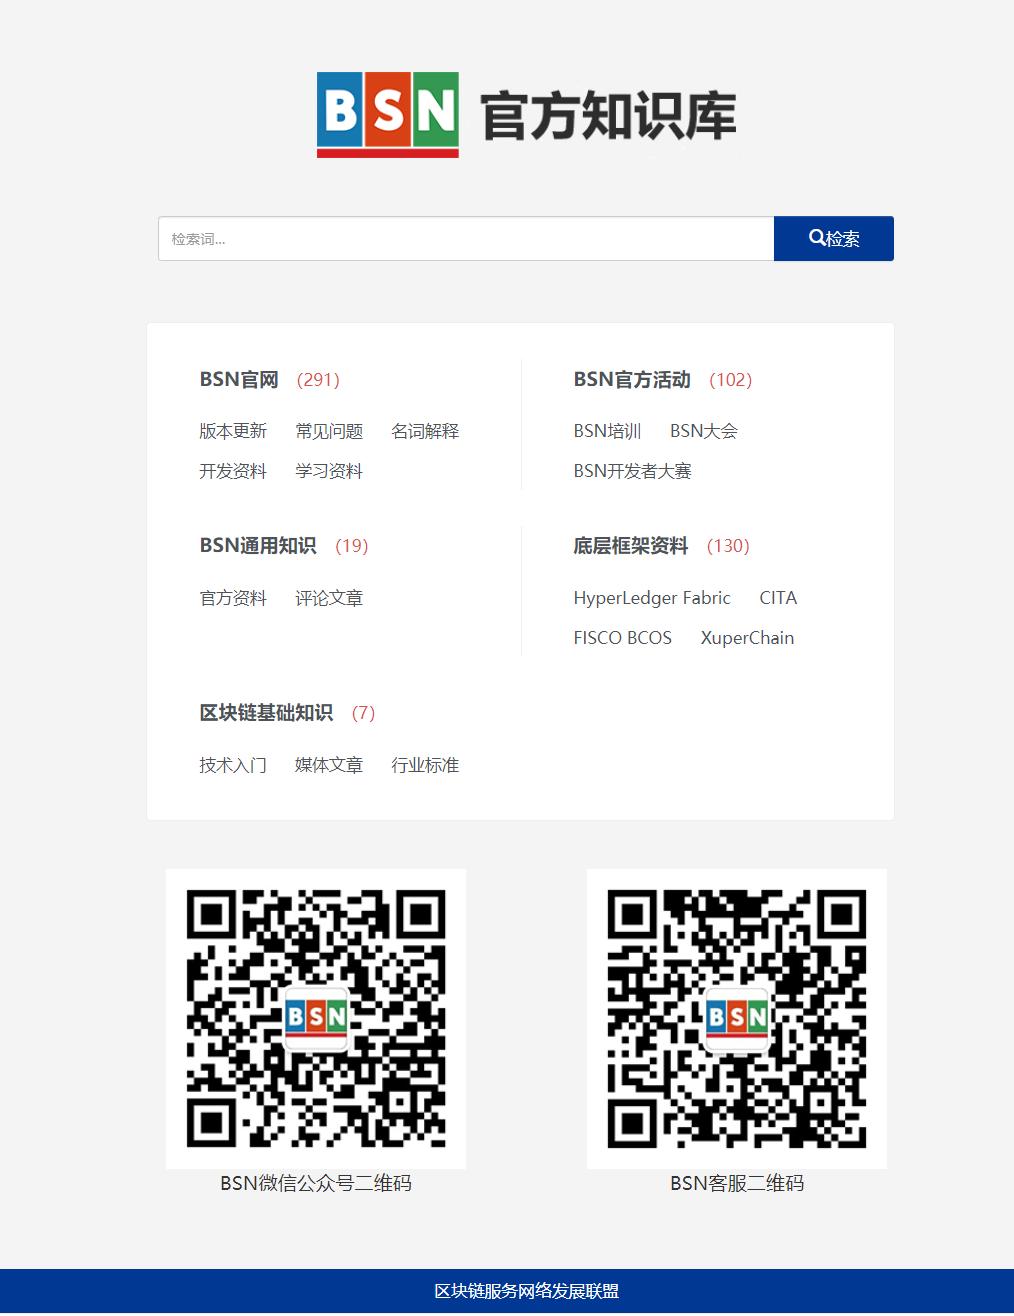 区块链服务网络BSN官方知识库